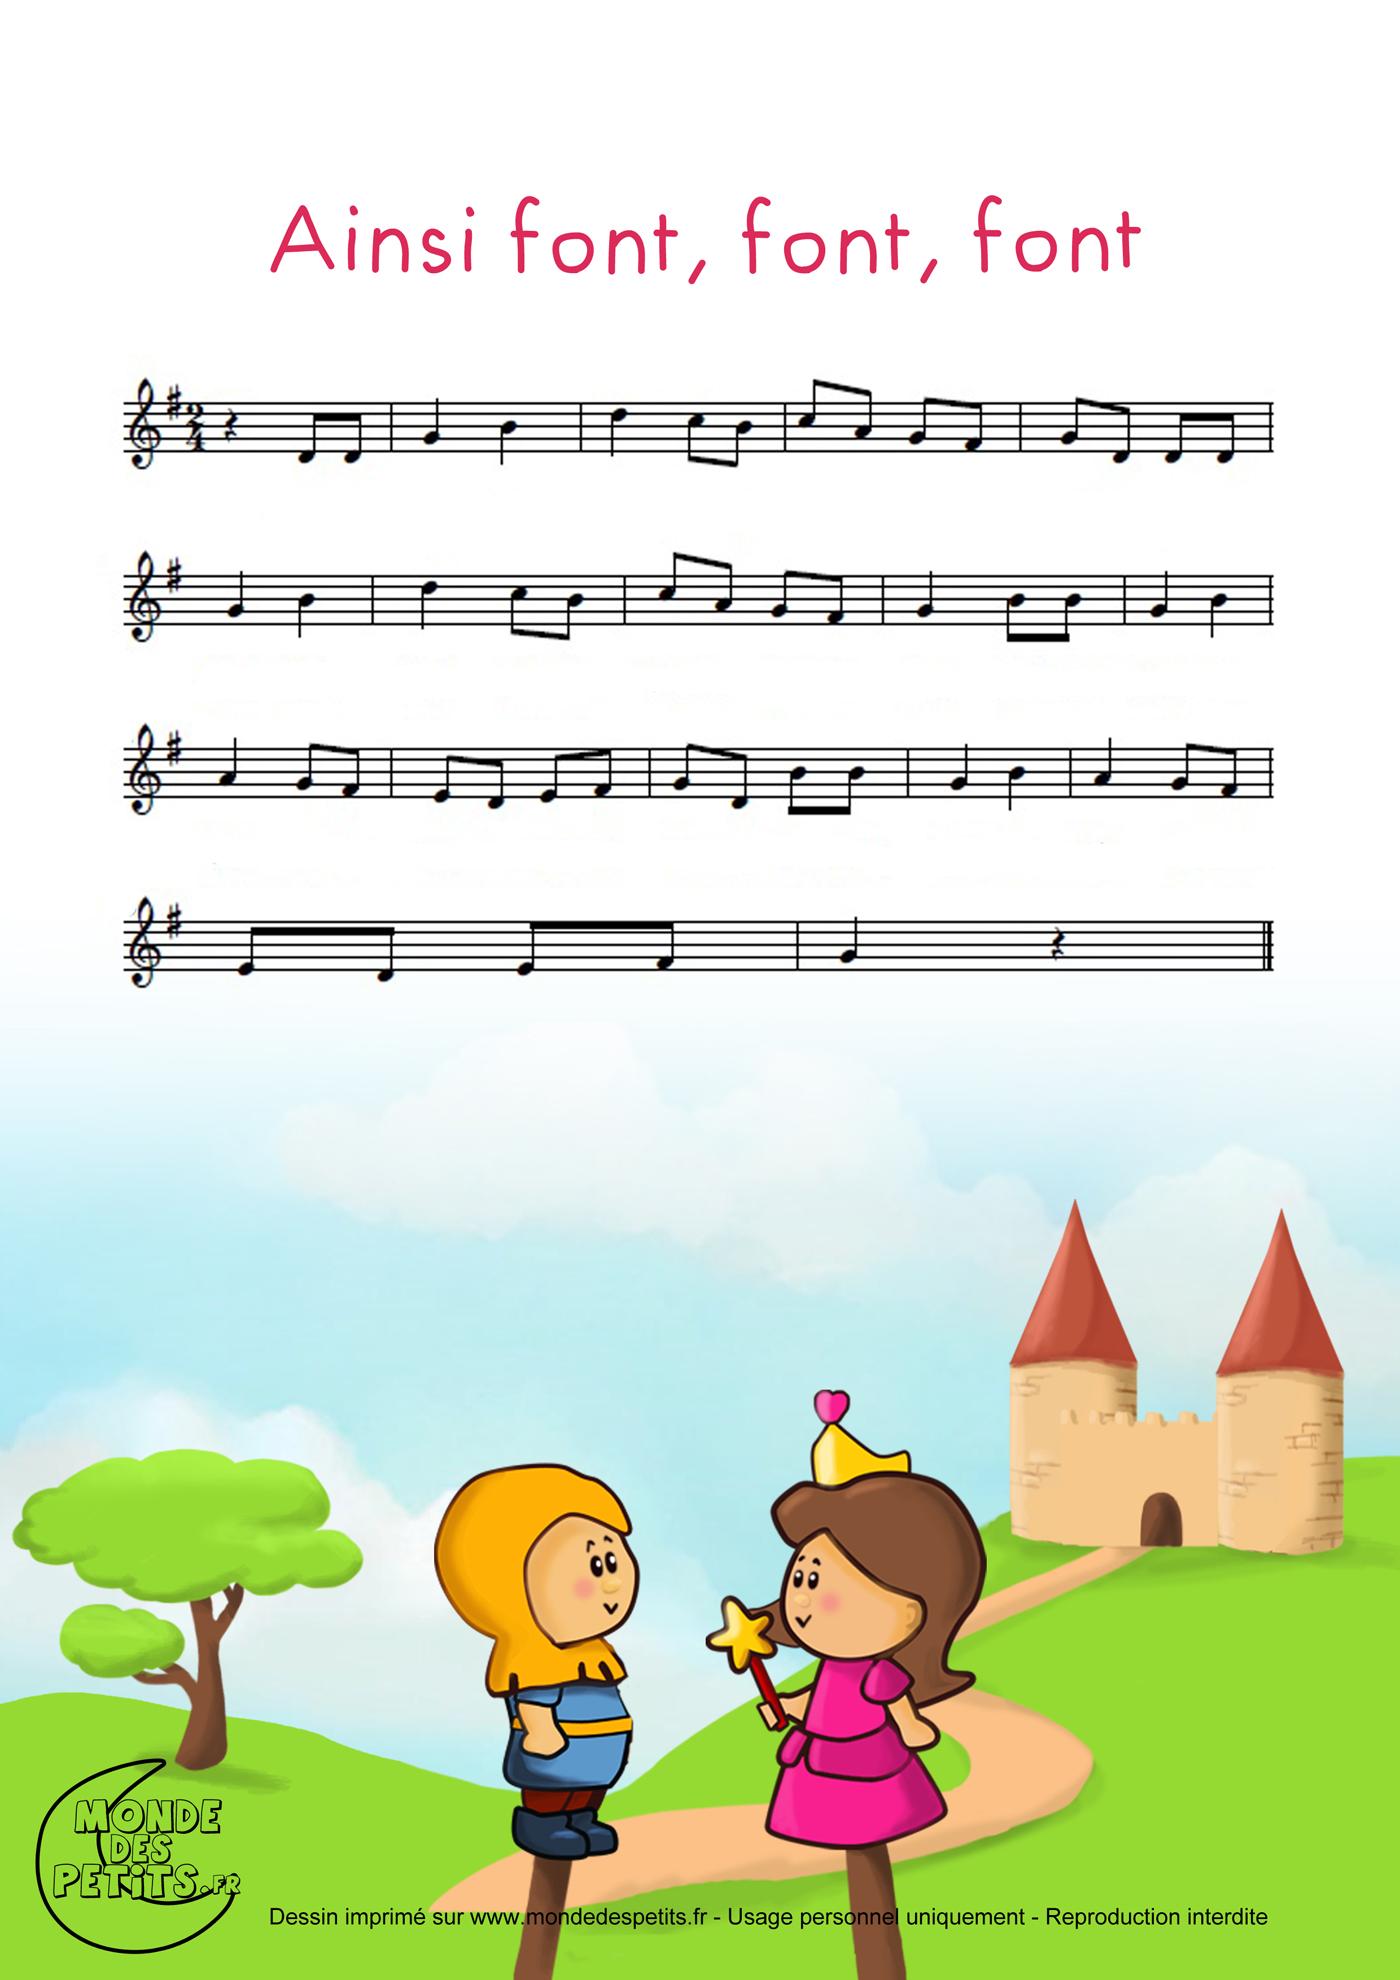 comptine, chanson, enfant, parole, petite, marionnette, font, partition